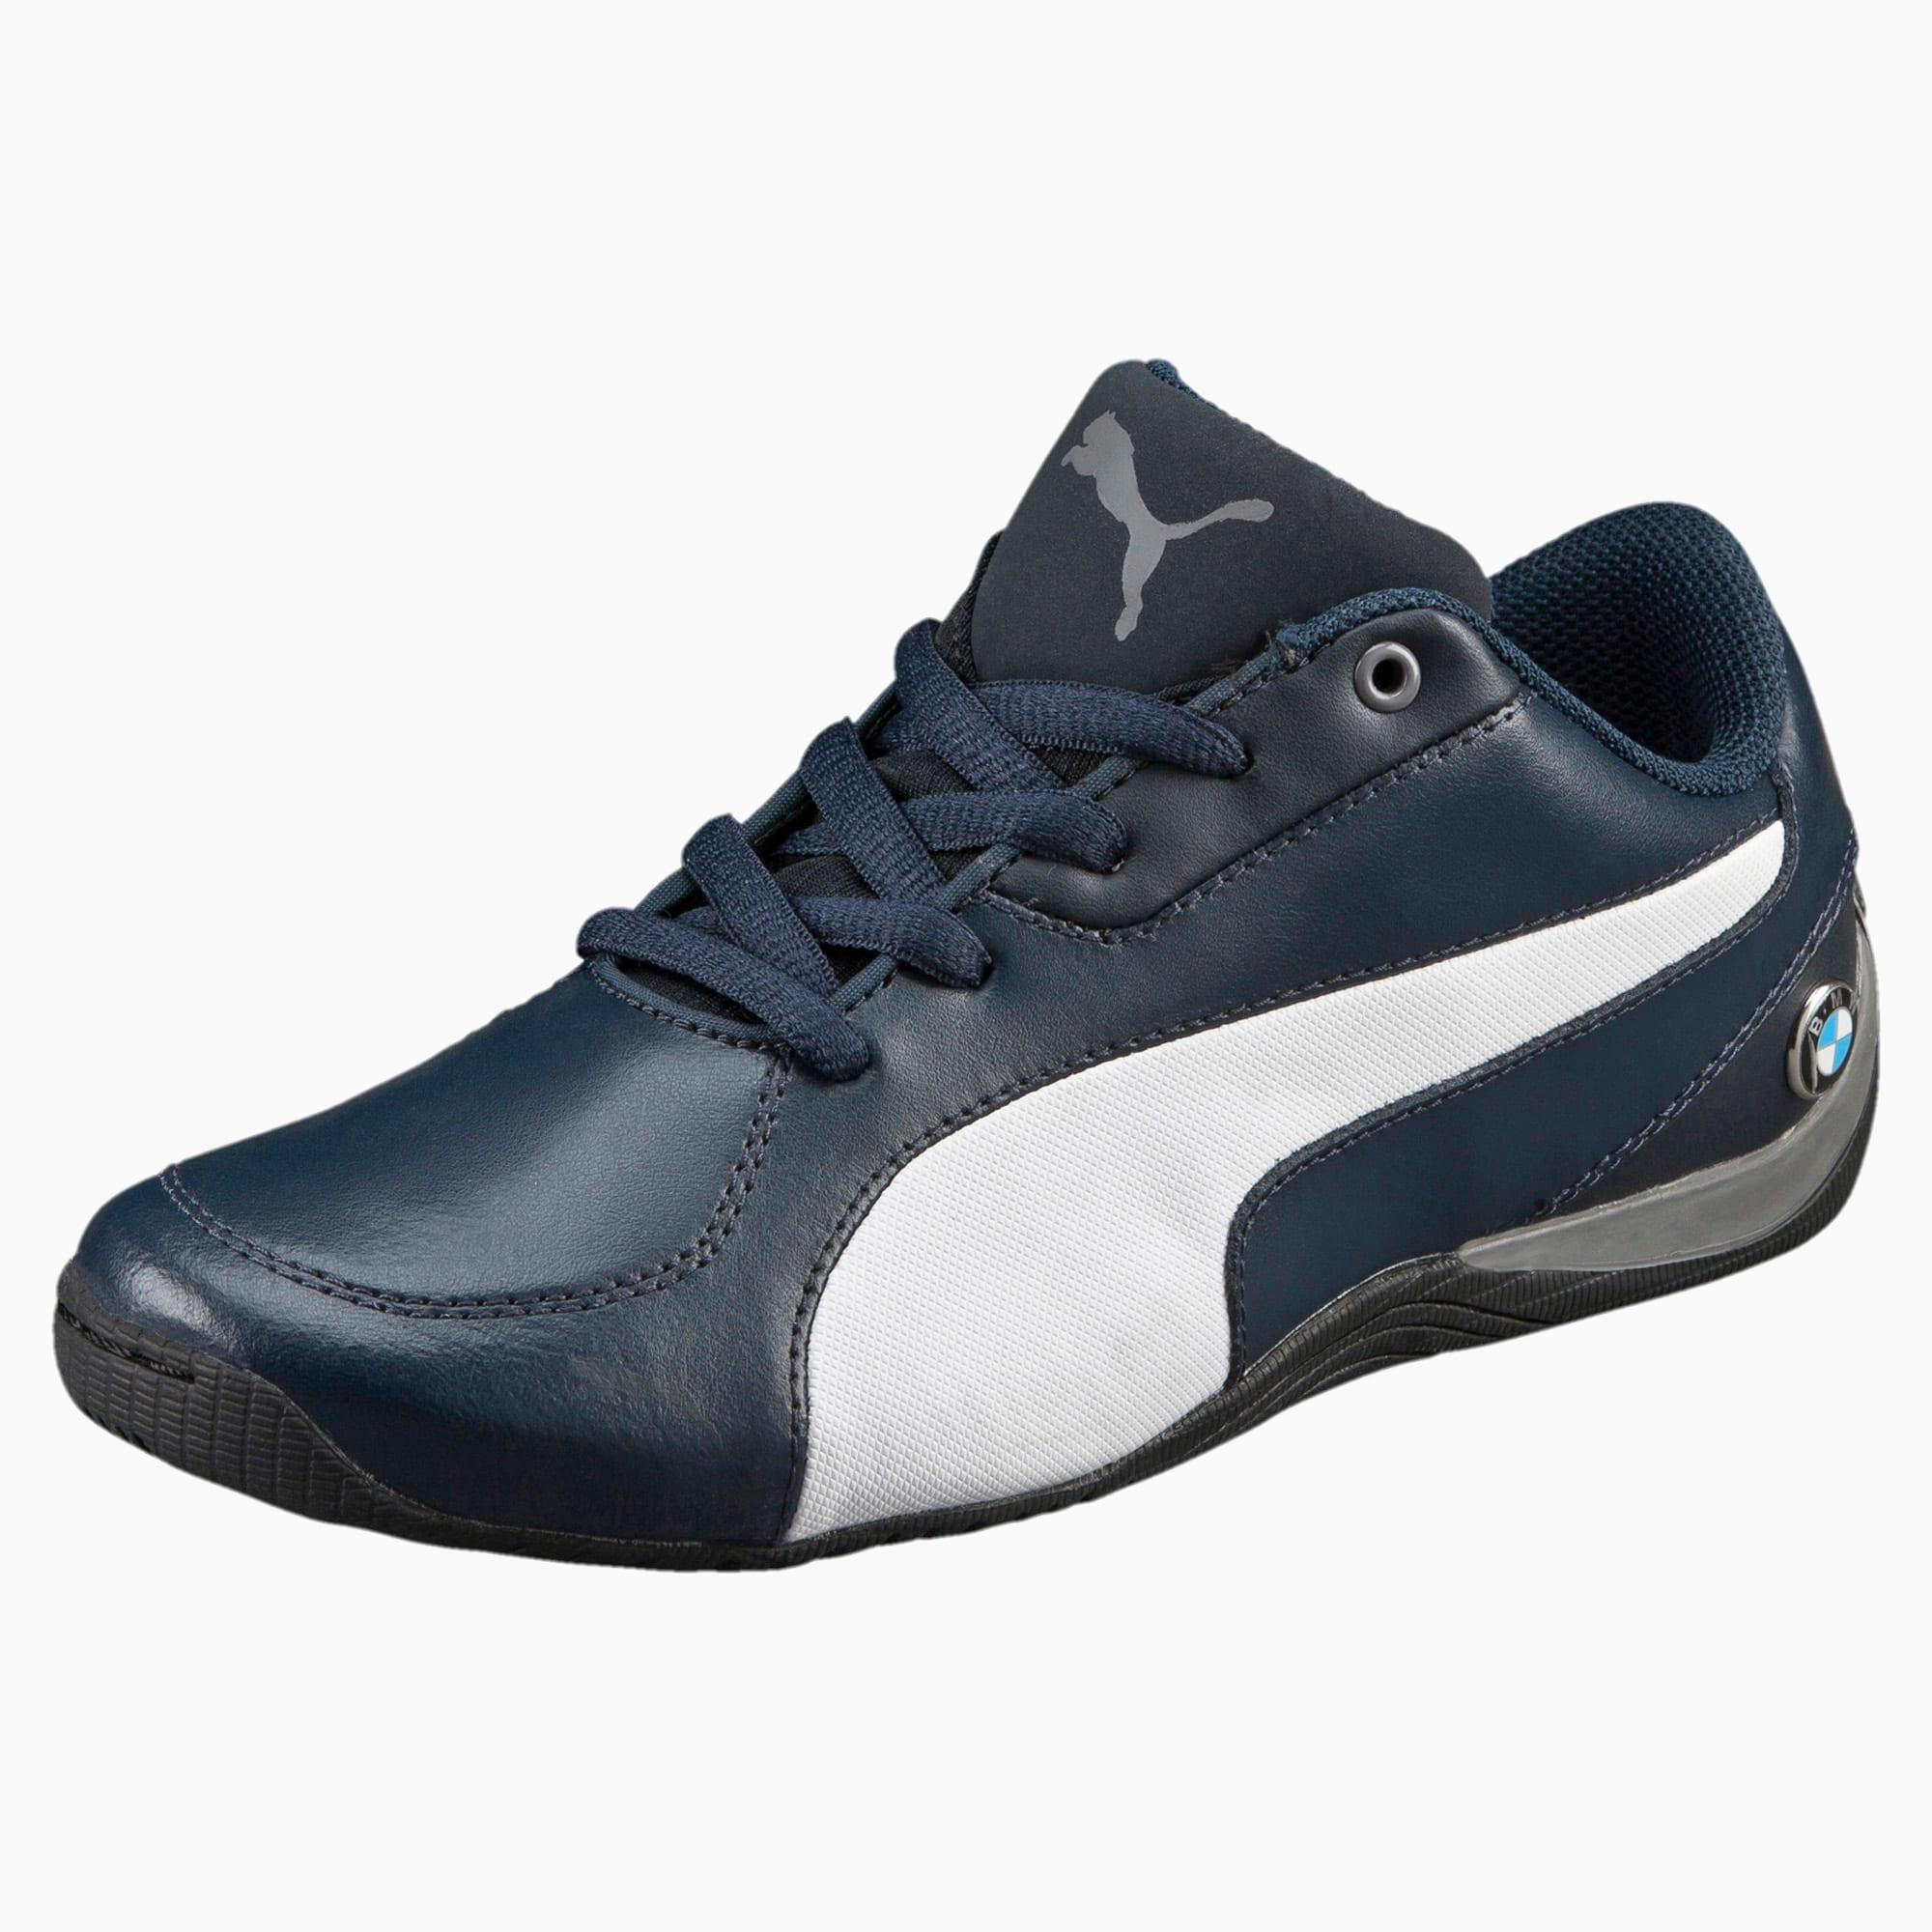 BMW Drift Cat 5 L Shoes JR